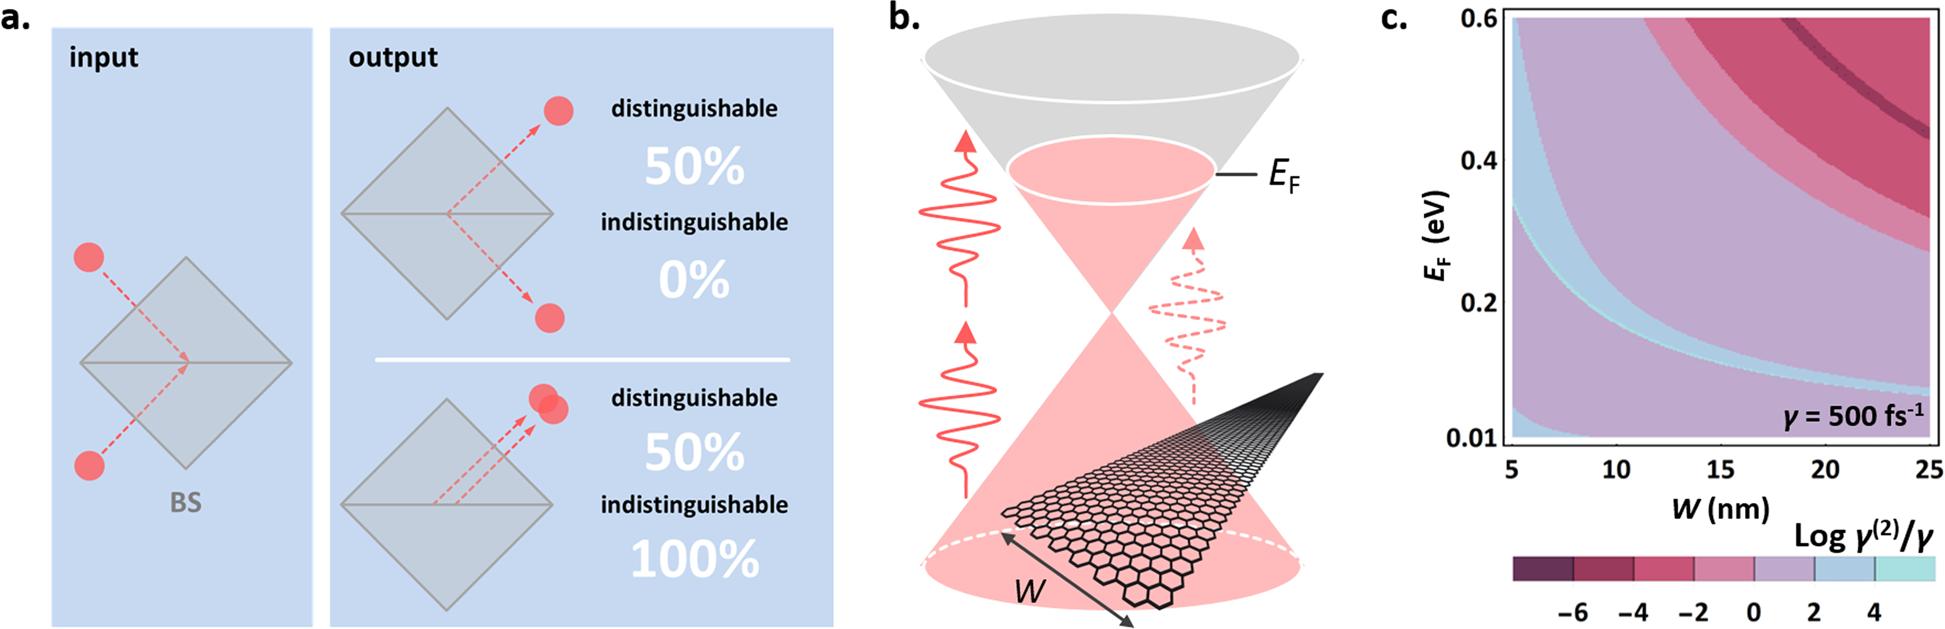 Quantum computing with graphene plasmons | npj Quantum Information